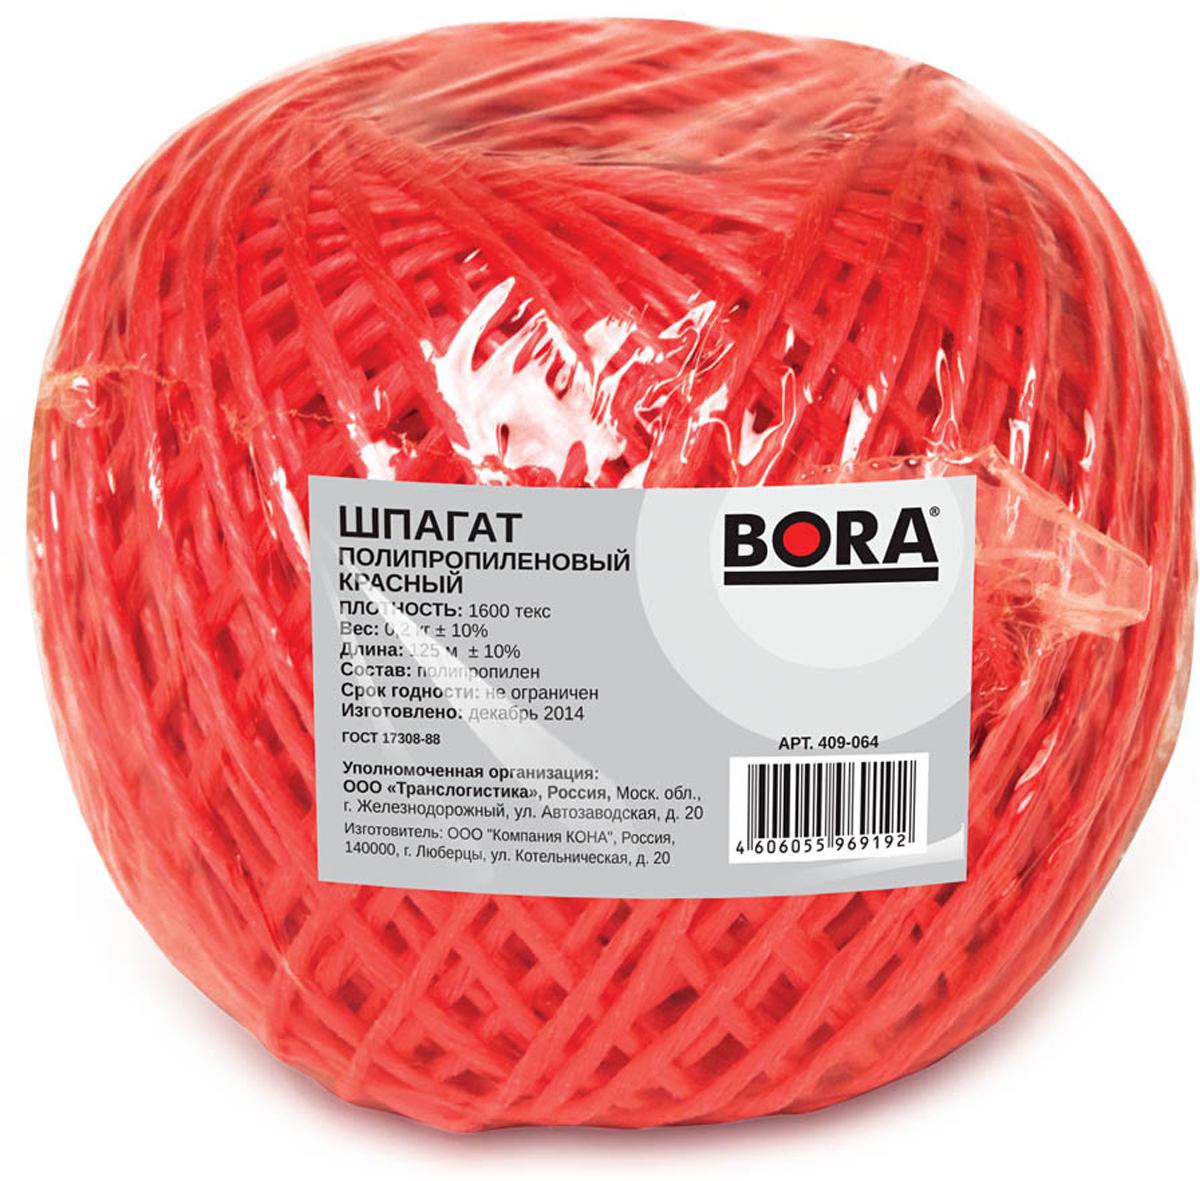 Шпагат Aviora, цвет: красный, 1600 текс, 125 м409-064Шпагат 125 метров - это сверхпрочная полипропиленовая веревка общего назначения, которая отличается стойкостью к температурному воздействию, гниению и влаге. Отсутствие сердечника обеспечивает минимальное относительное удлинение под нагрузкой. Универсальный упаковочно-обвязочный материал.